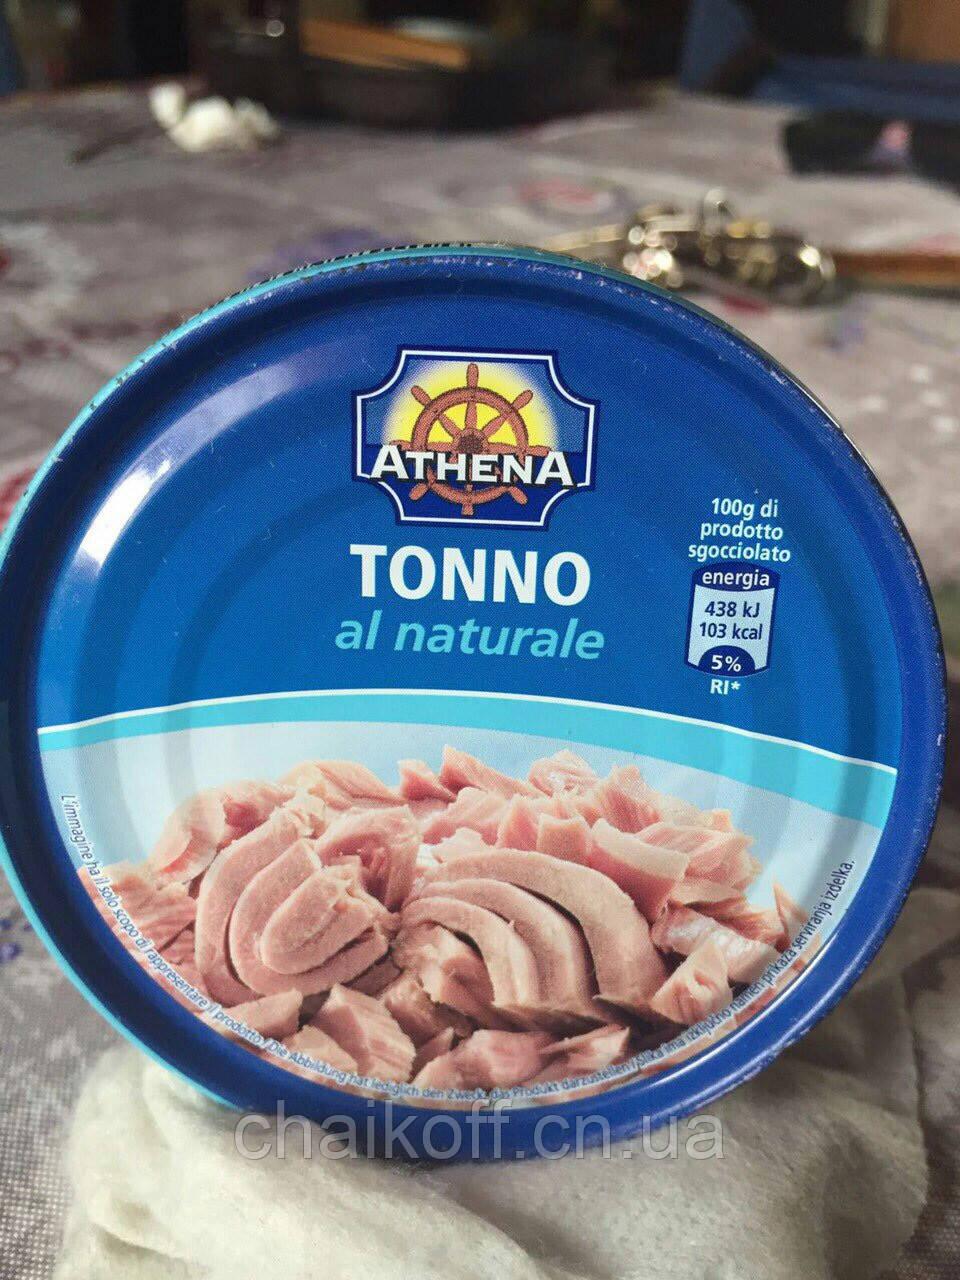 Тунец в собственном соусе ATHENA 160г